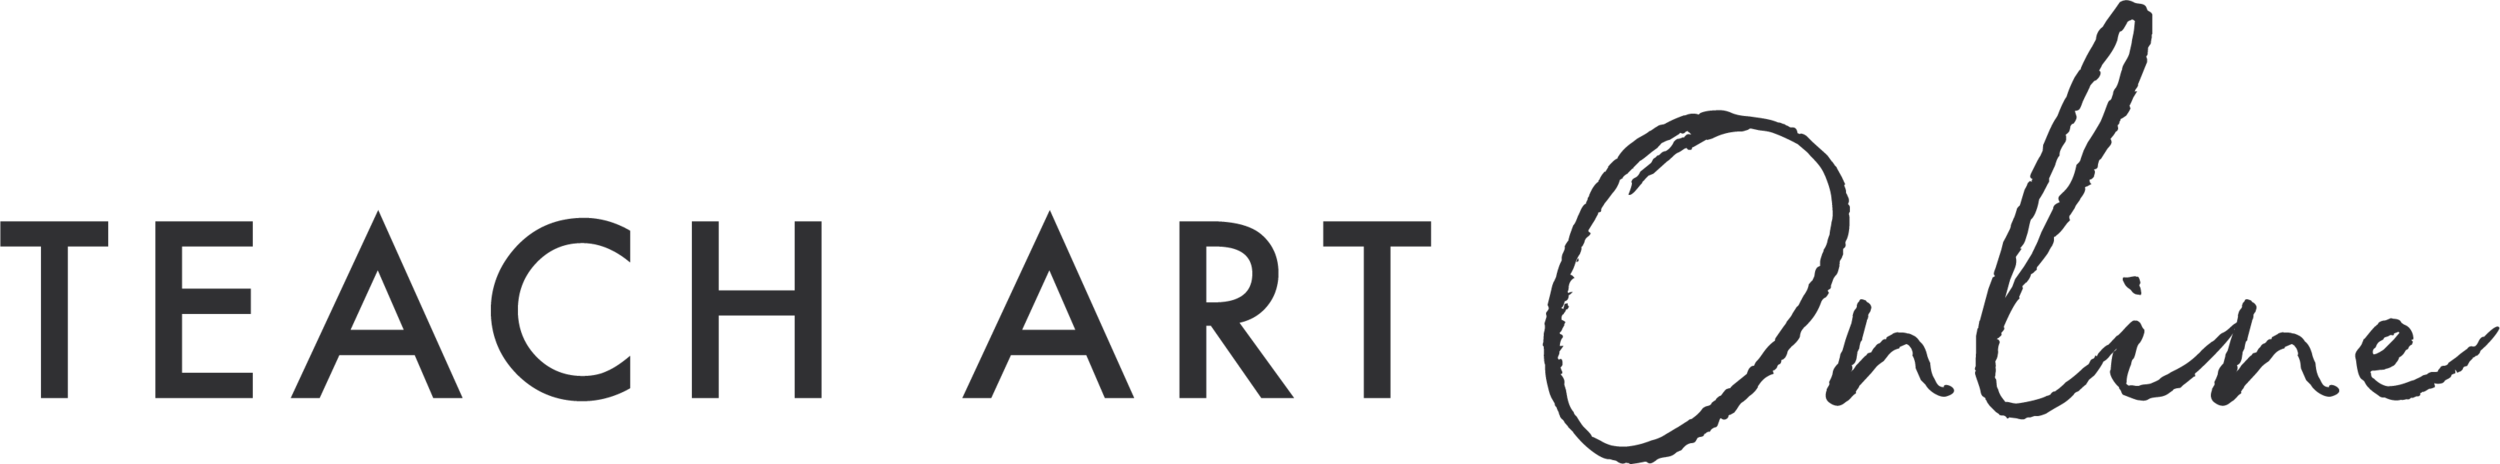 Teach Art Online Logo